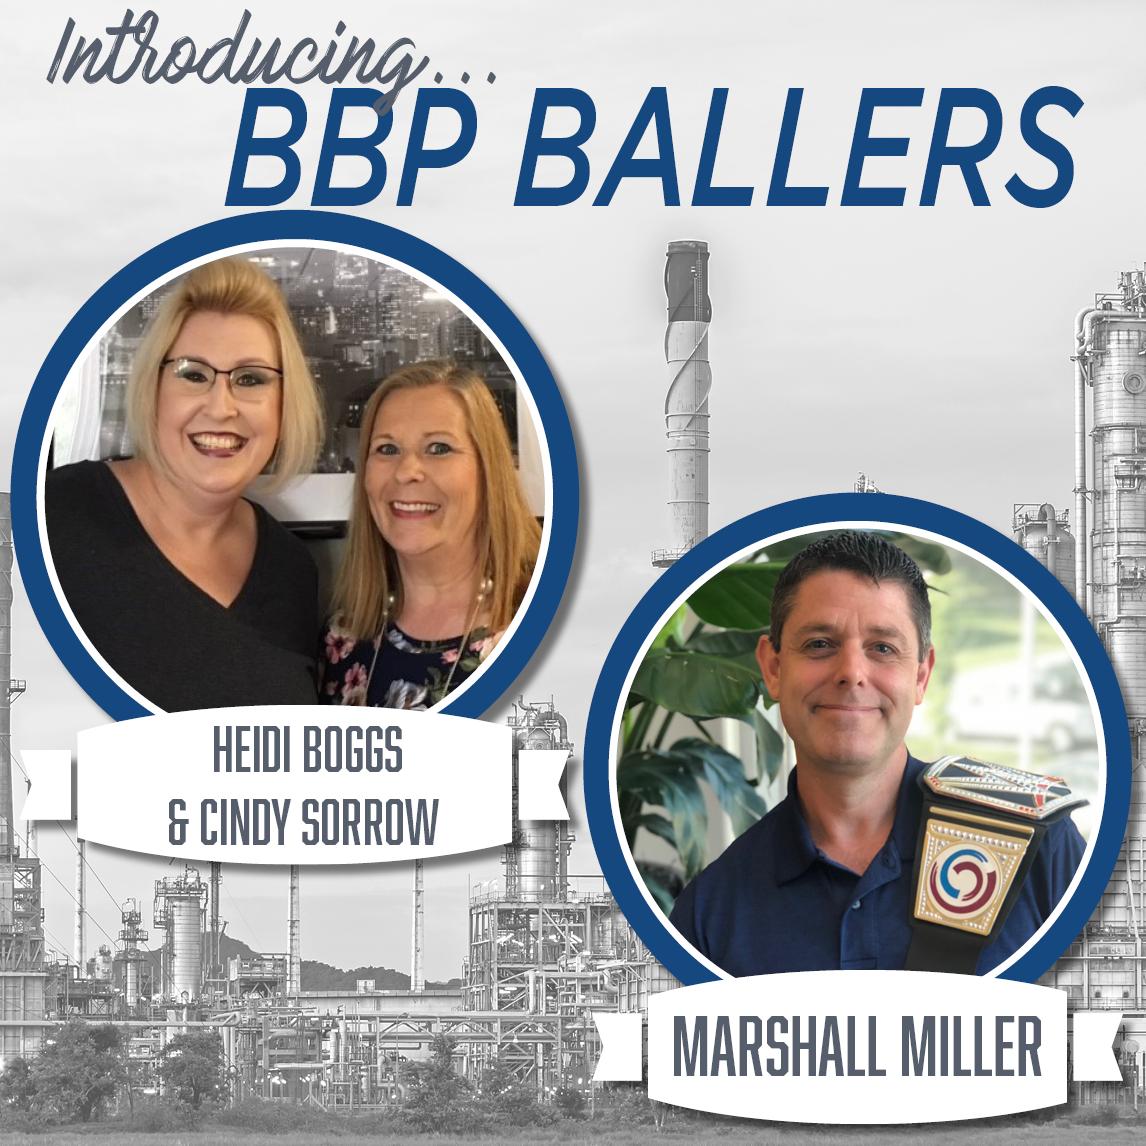 BBP Baller-values